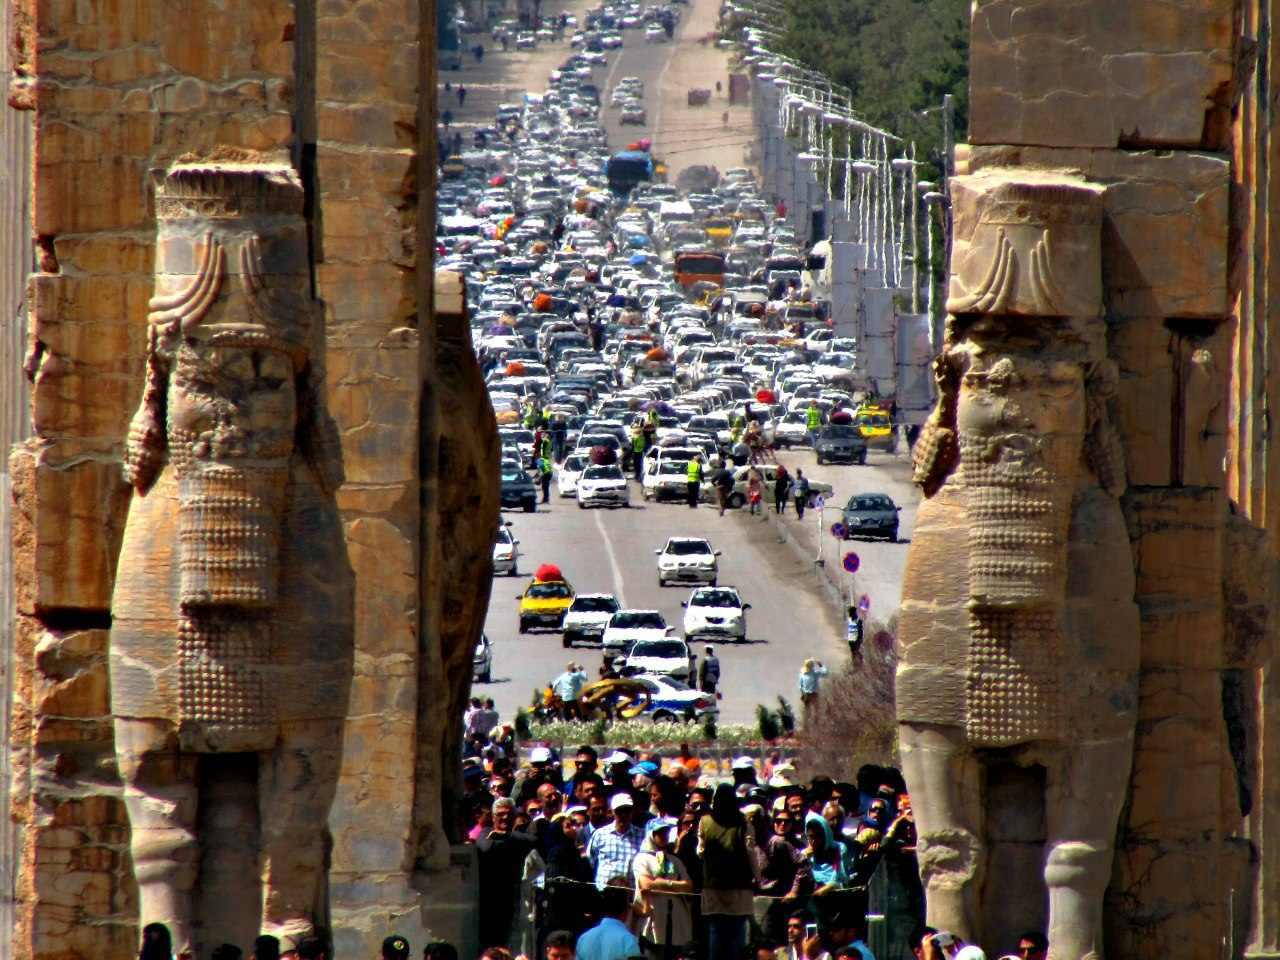 بازدید ۲۵۳ هزار توریست از بناهای تاریخی فارس در ۴ ماه نخست ۹۸